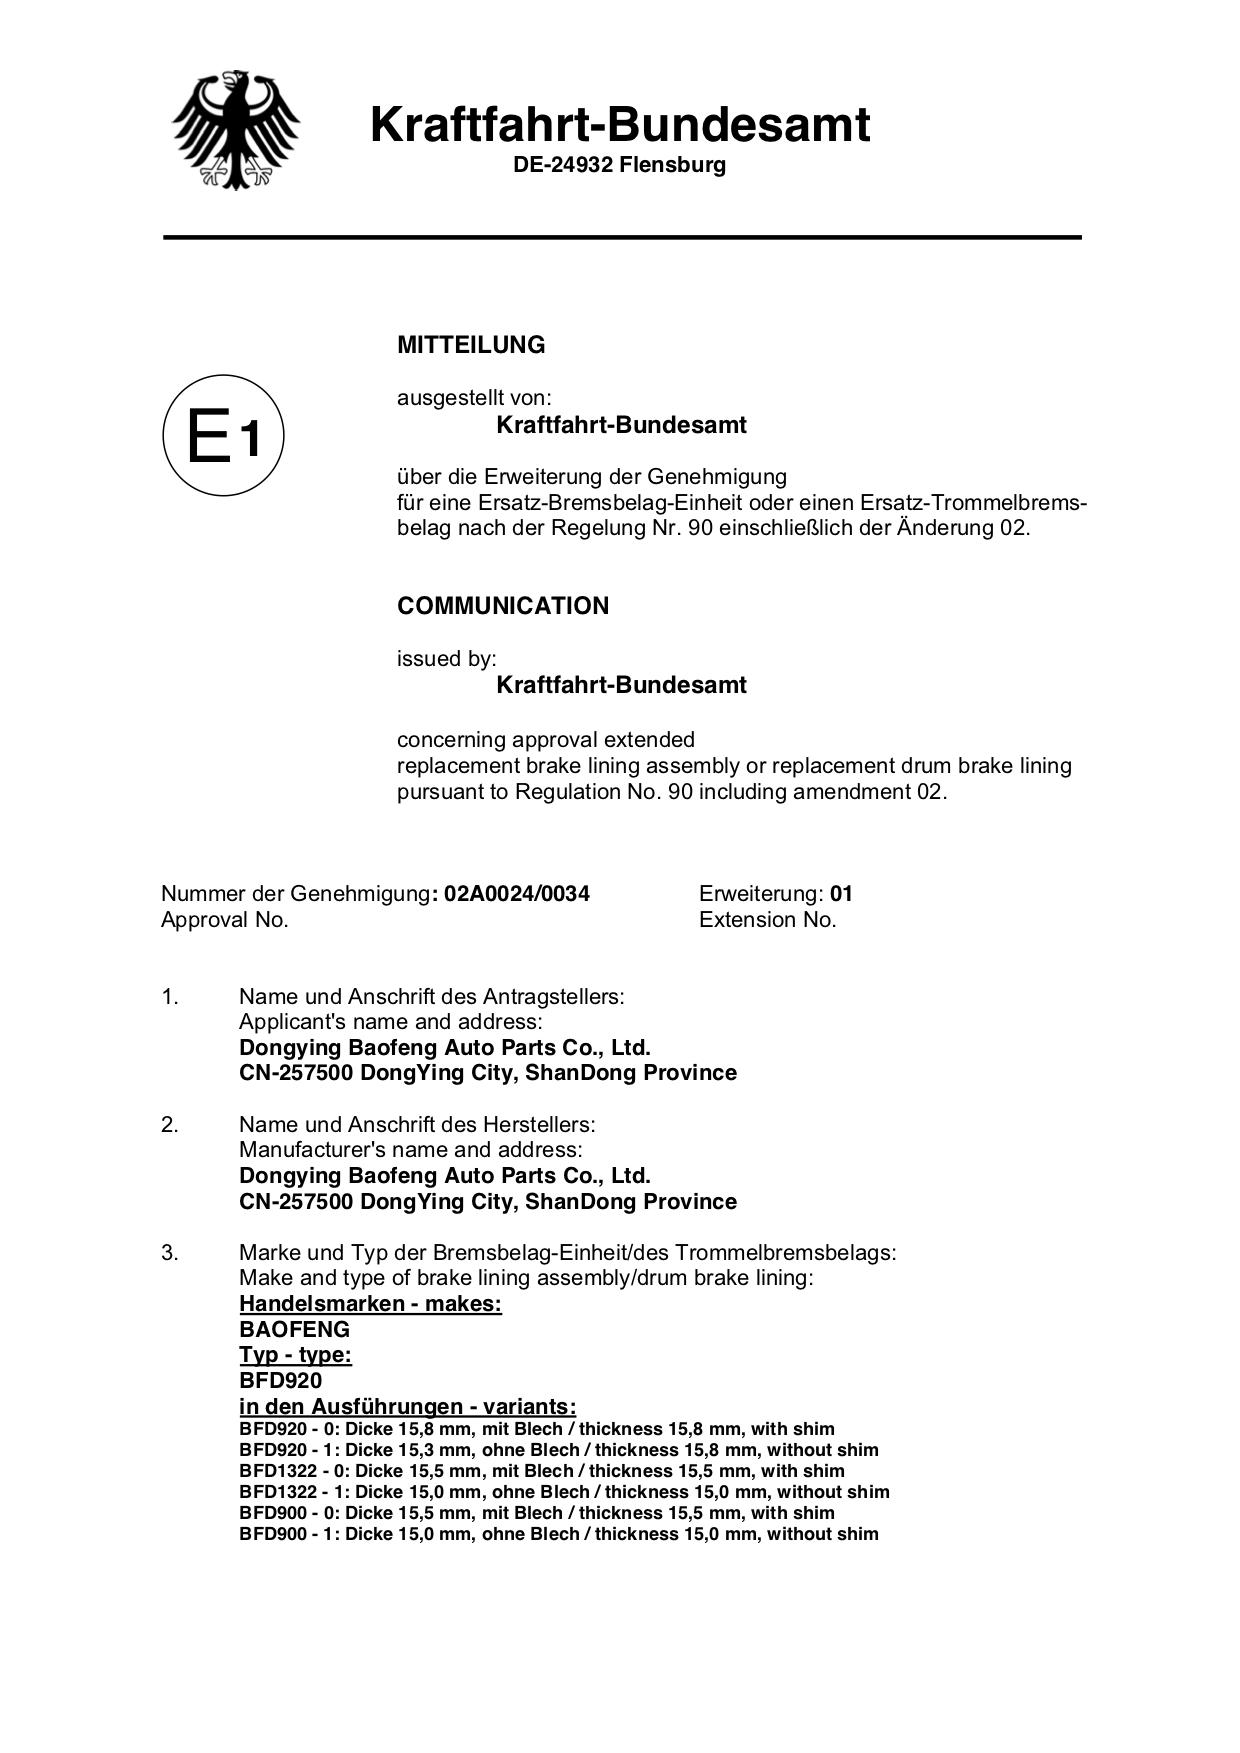 ECE R90 E1 Certificate Page 1